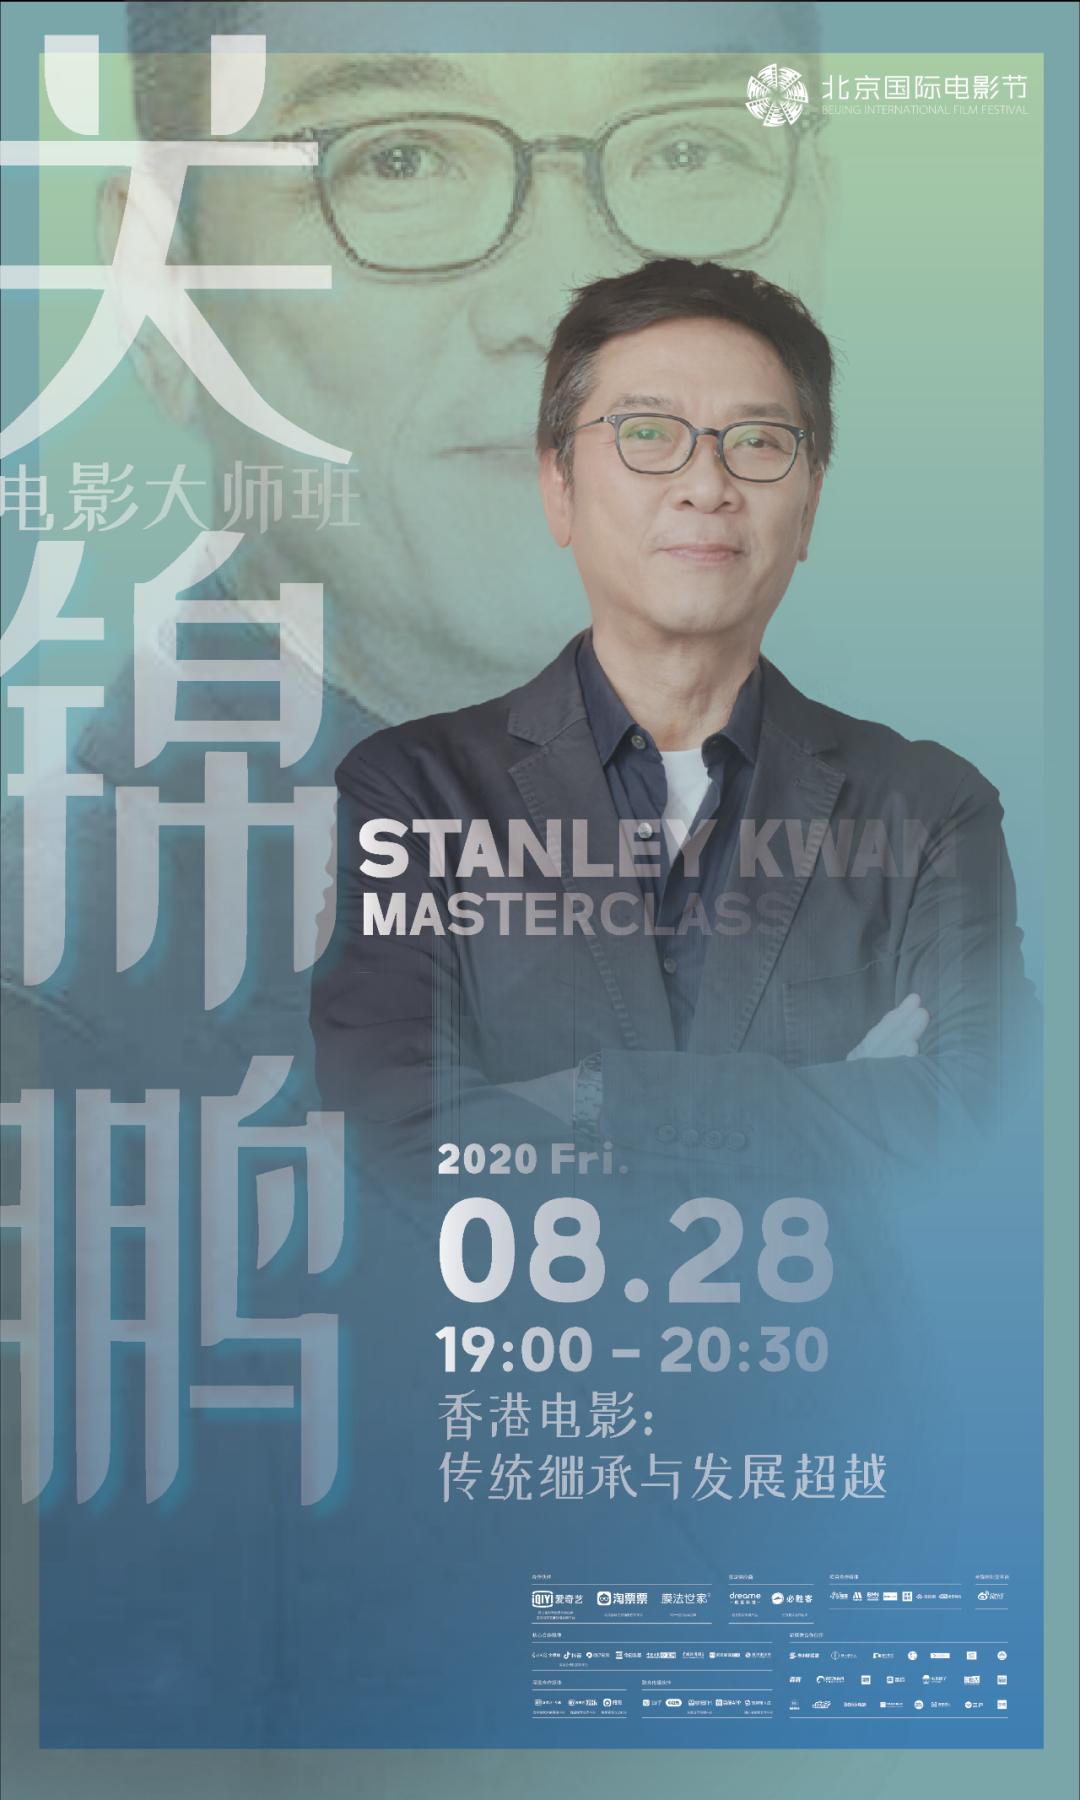 李安来了!北京国际电影节电影大师班,他将率先开讲